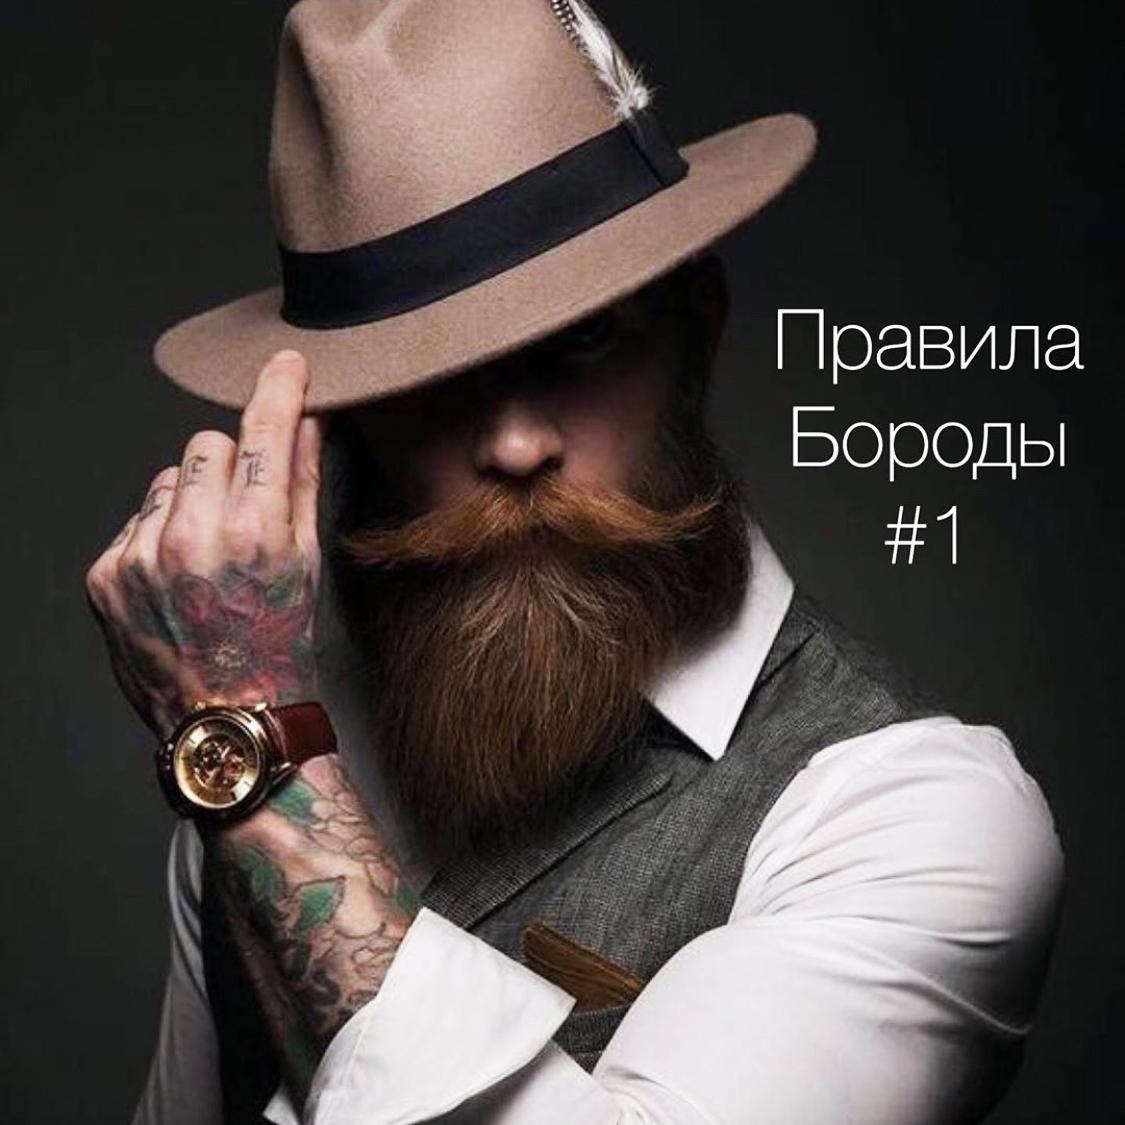 Правила бороды #1